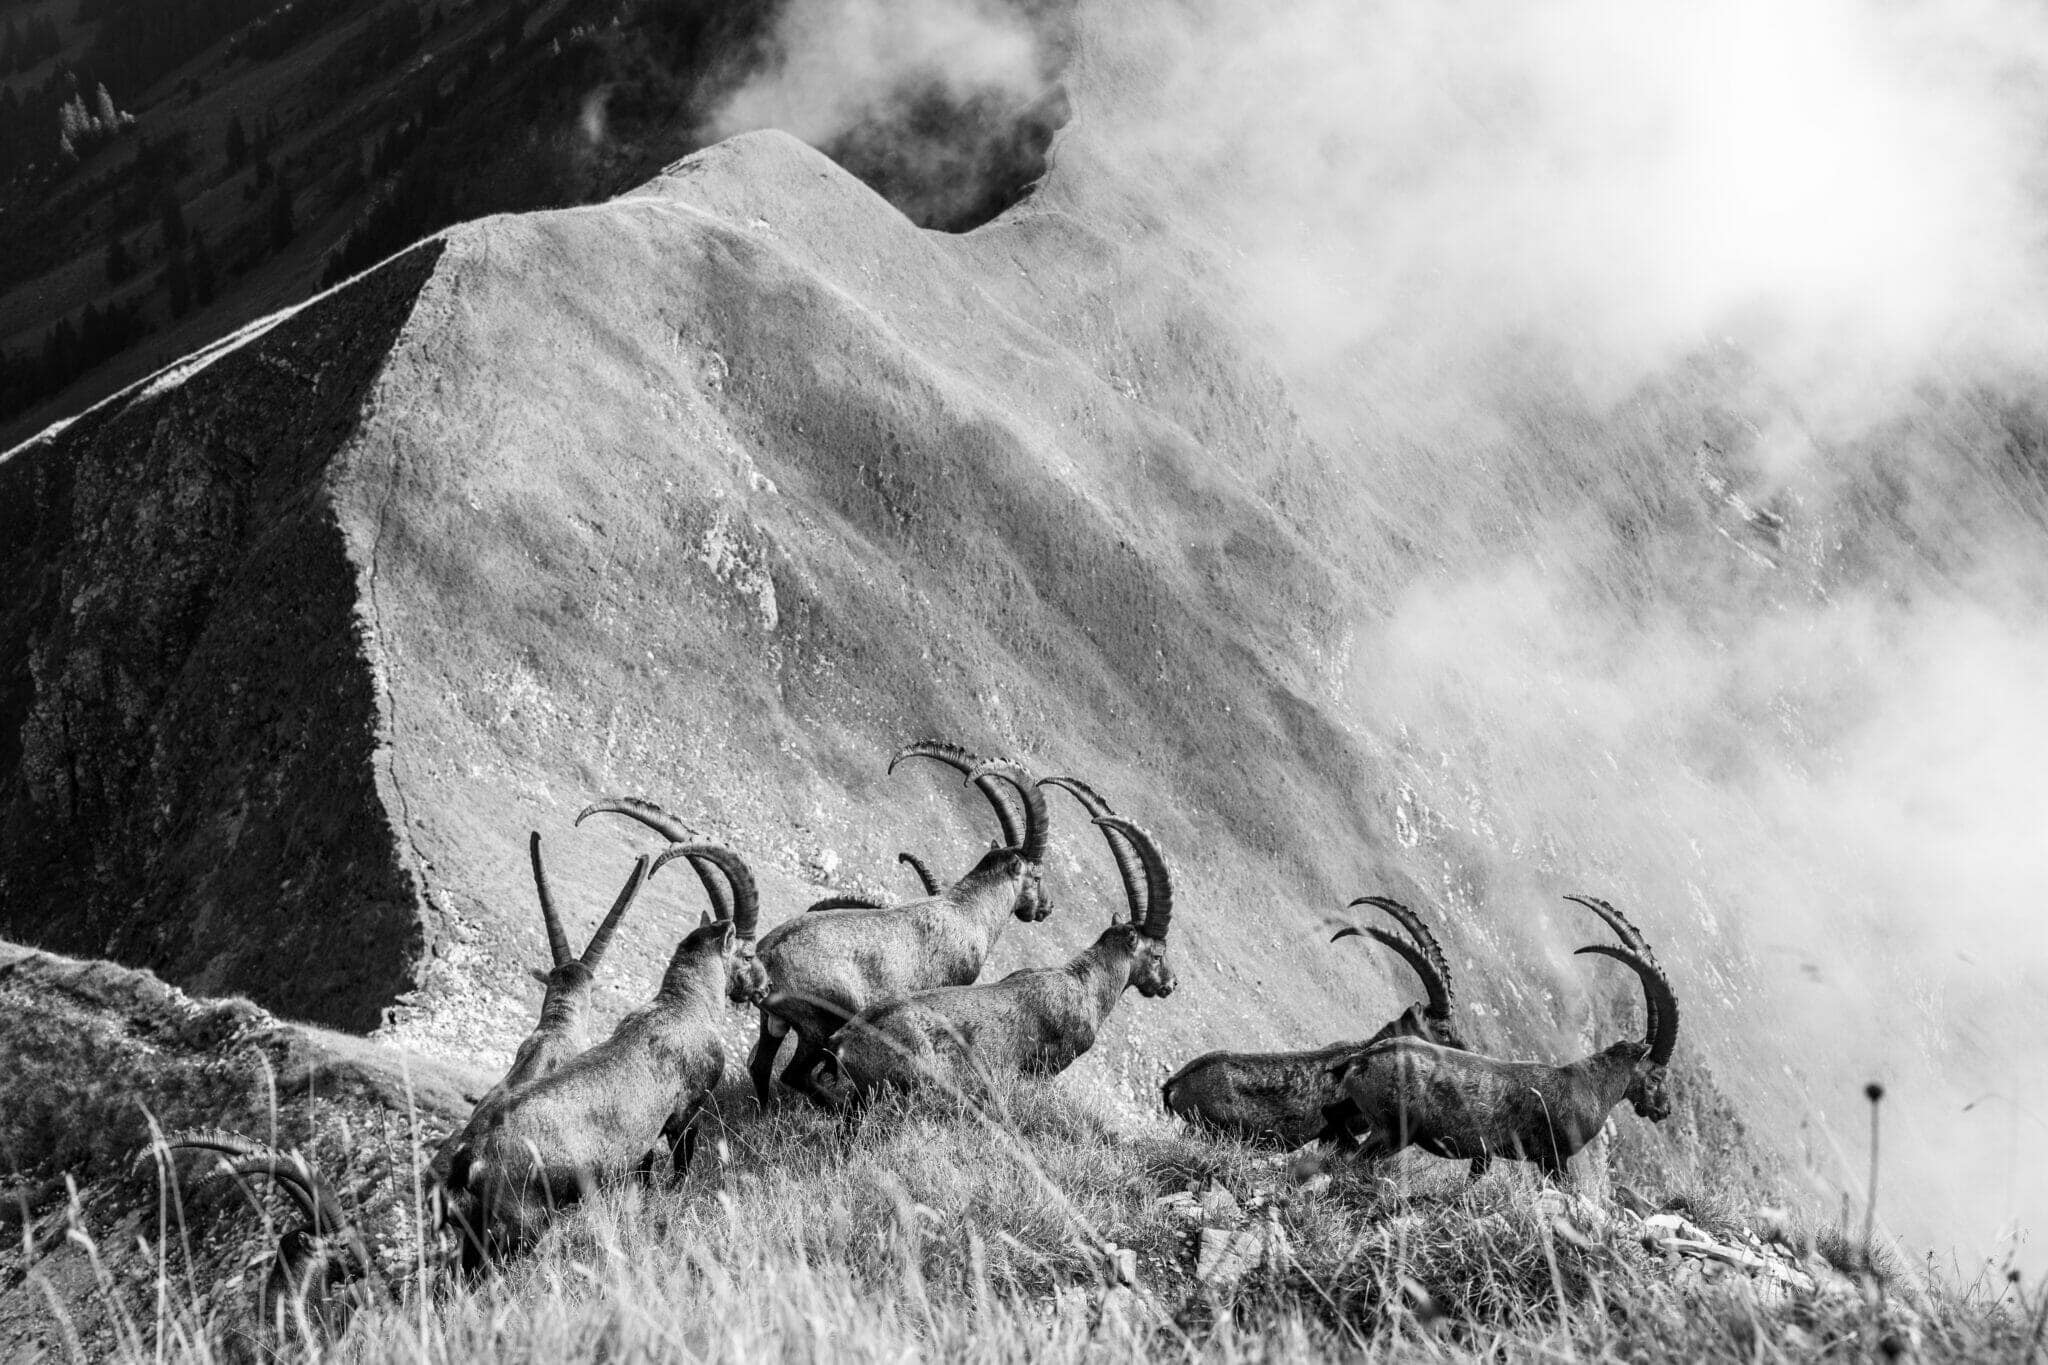 Jonas Schäfer Fotografie Spiez Berner Oberland Augsmatthor Tiere Tierfotografie Wandbilder Steinböcke Steinbock